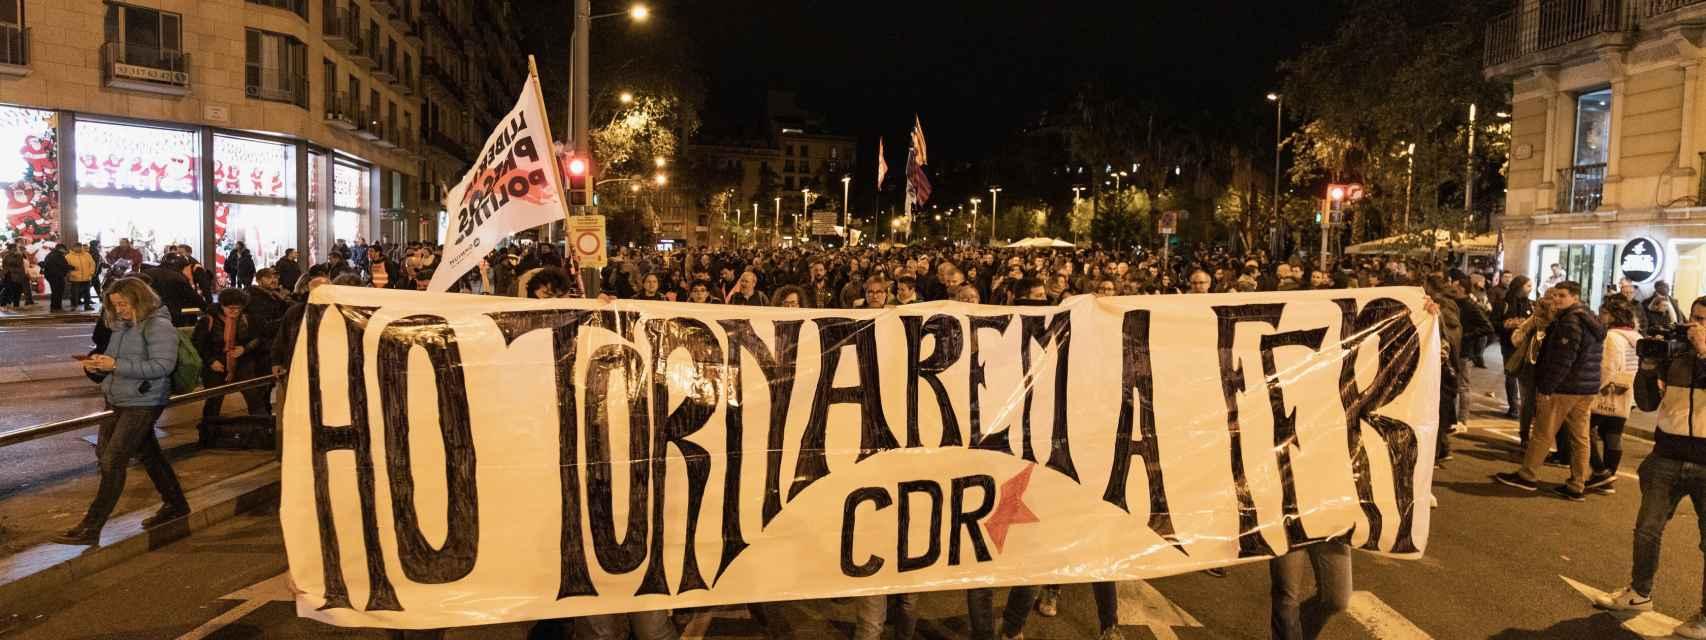 La cabecera de la marcha en Barcelona.